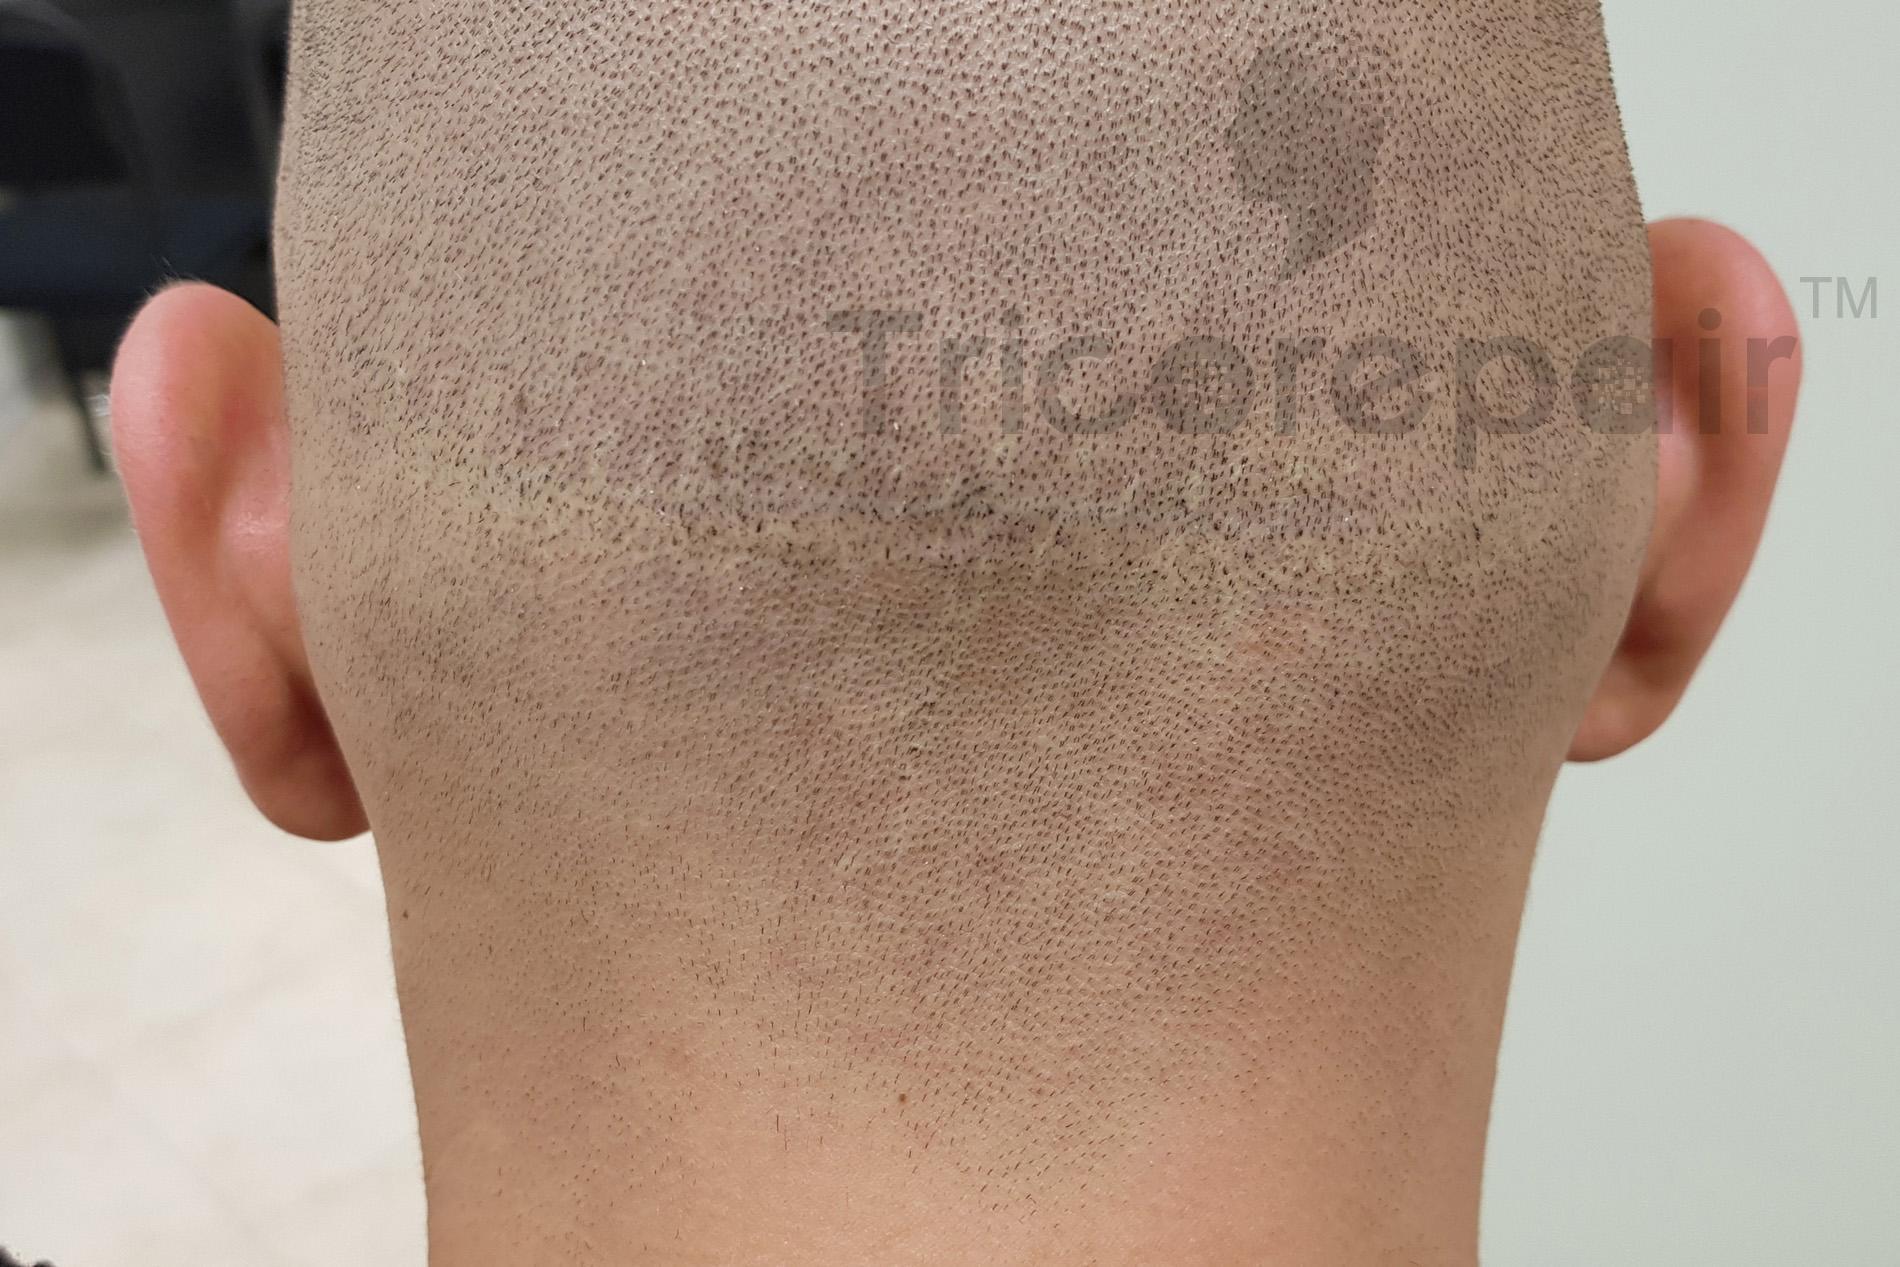 Cicatrice Strip autotrapianto FUT - Dopo il trattamento di tricopigmentazione